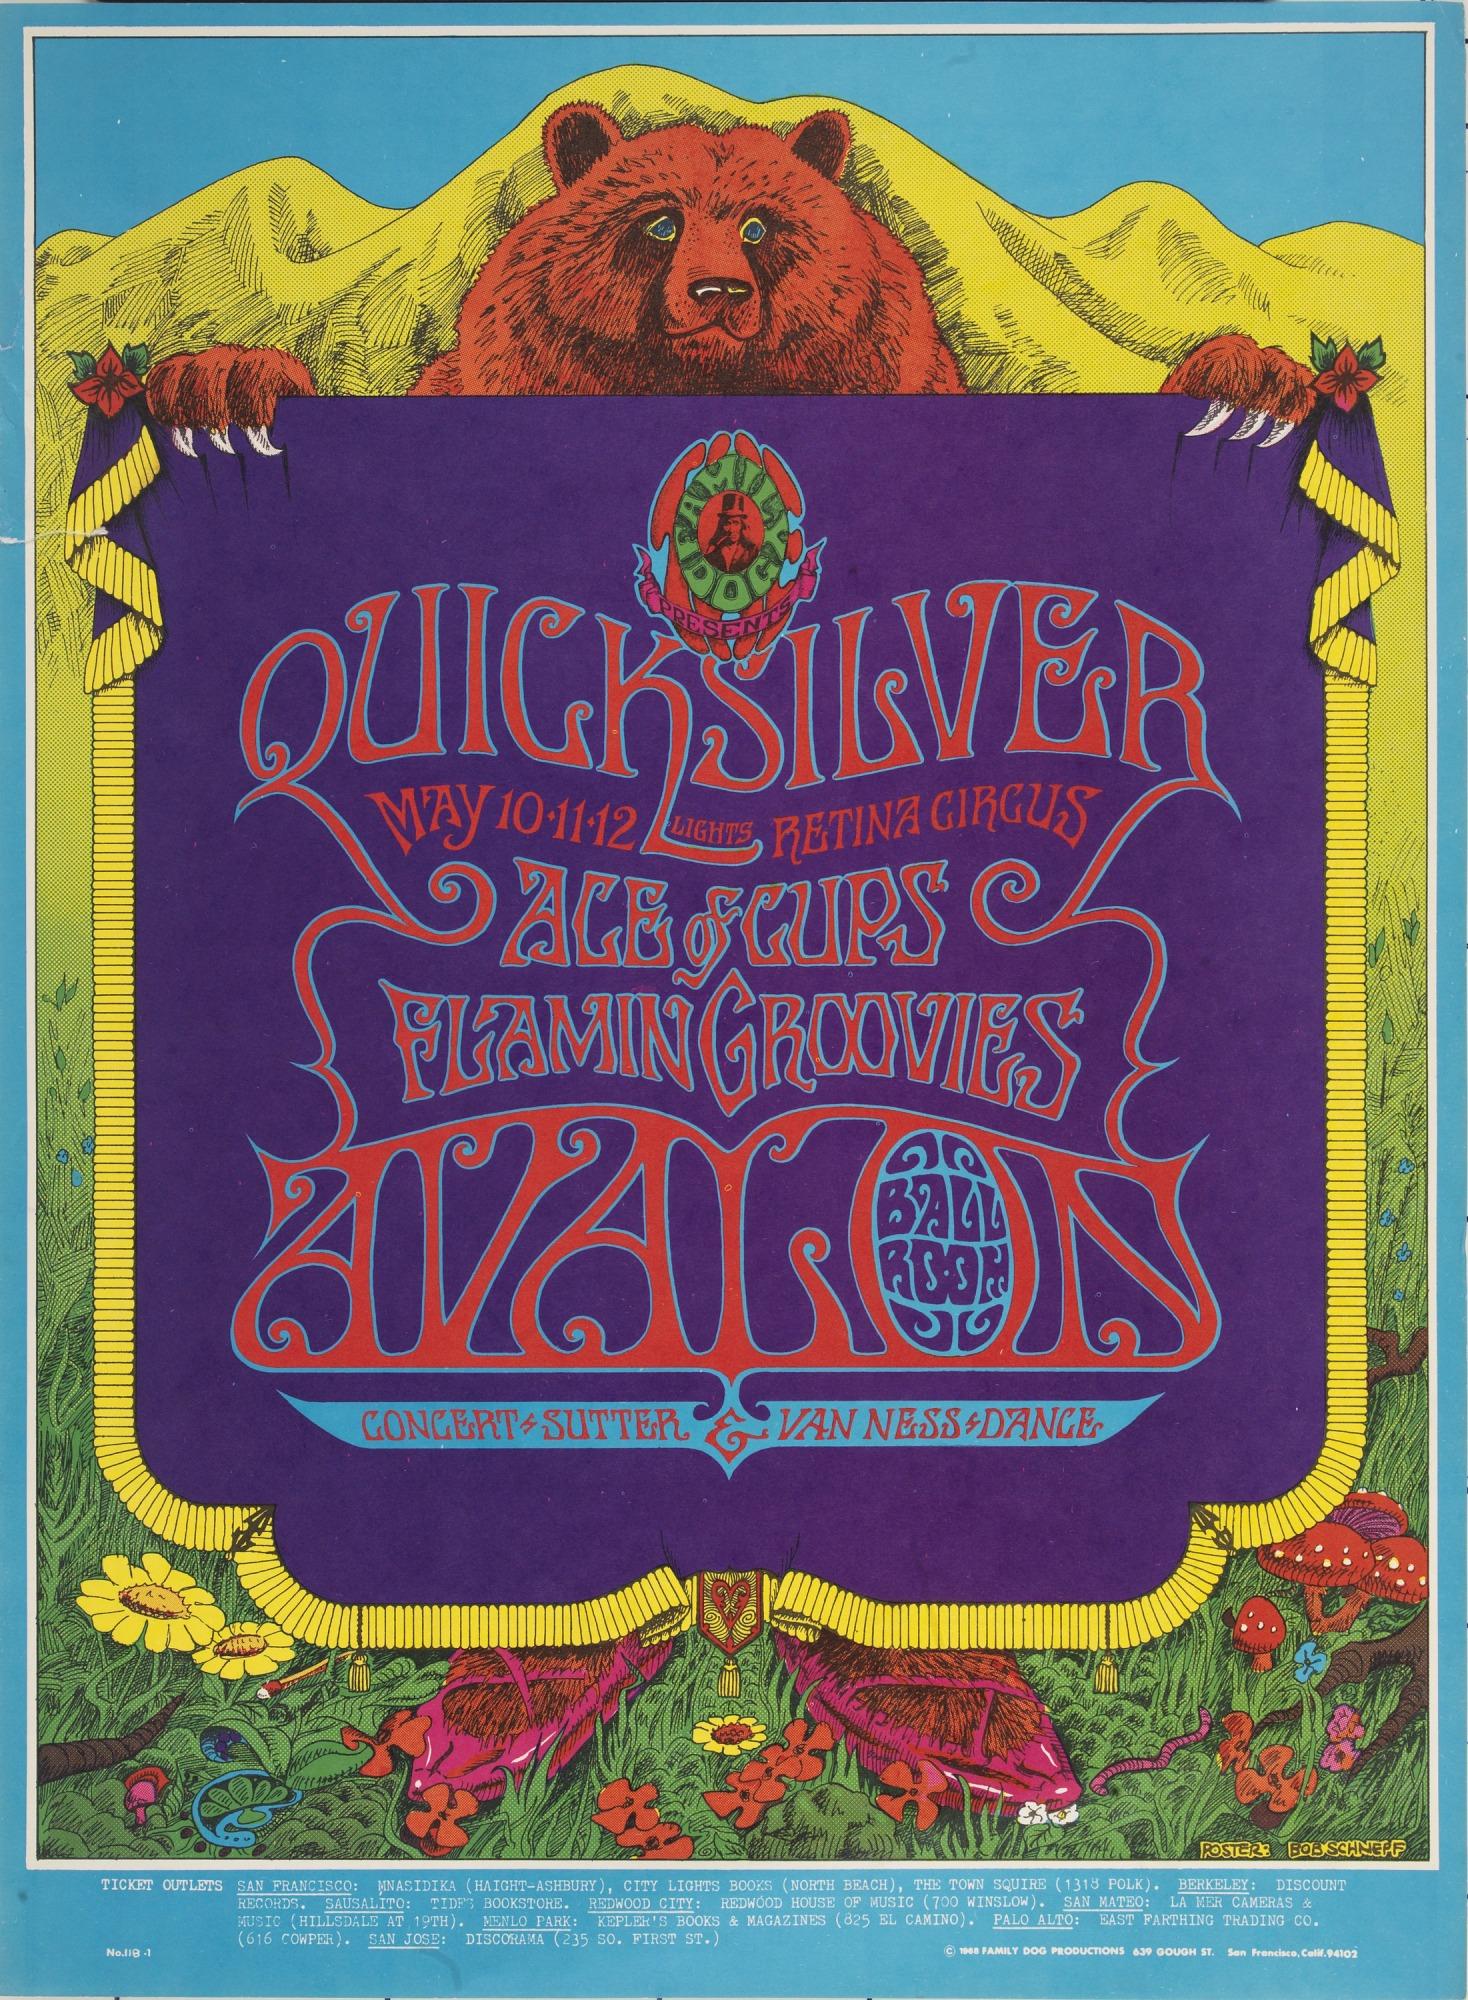 Image for Dancing Bear (Quicksilver Messenger Service, Ace of Cups...Avalon Ballroom, San Francisco, California 5/10/68-5/12/68)